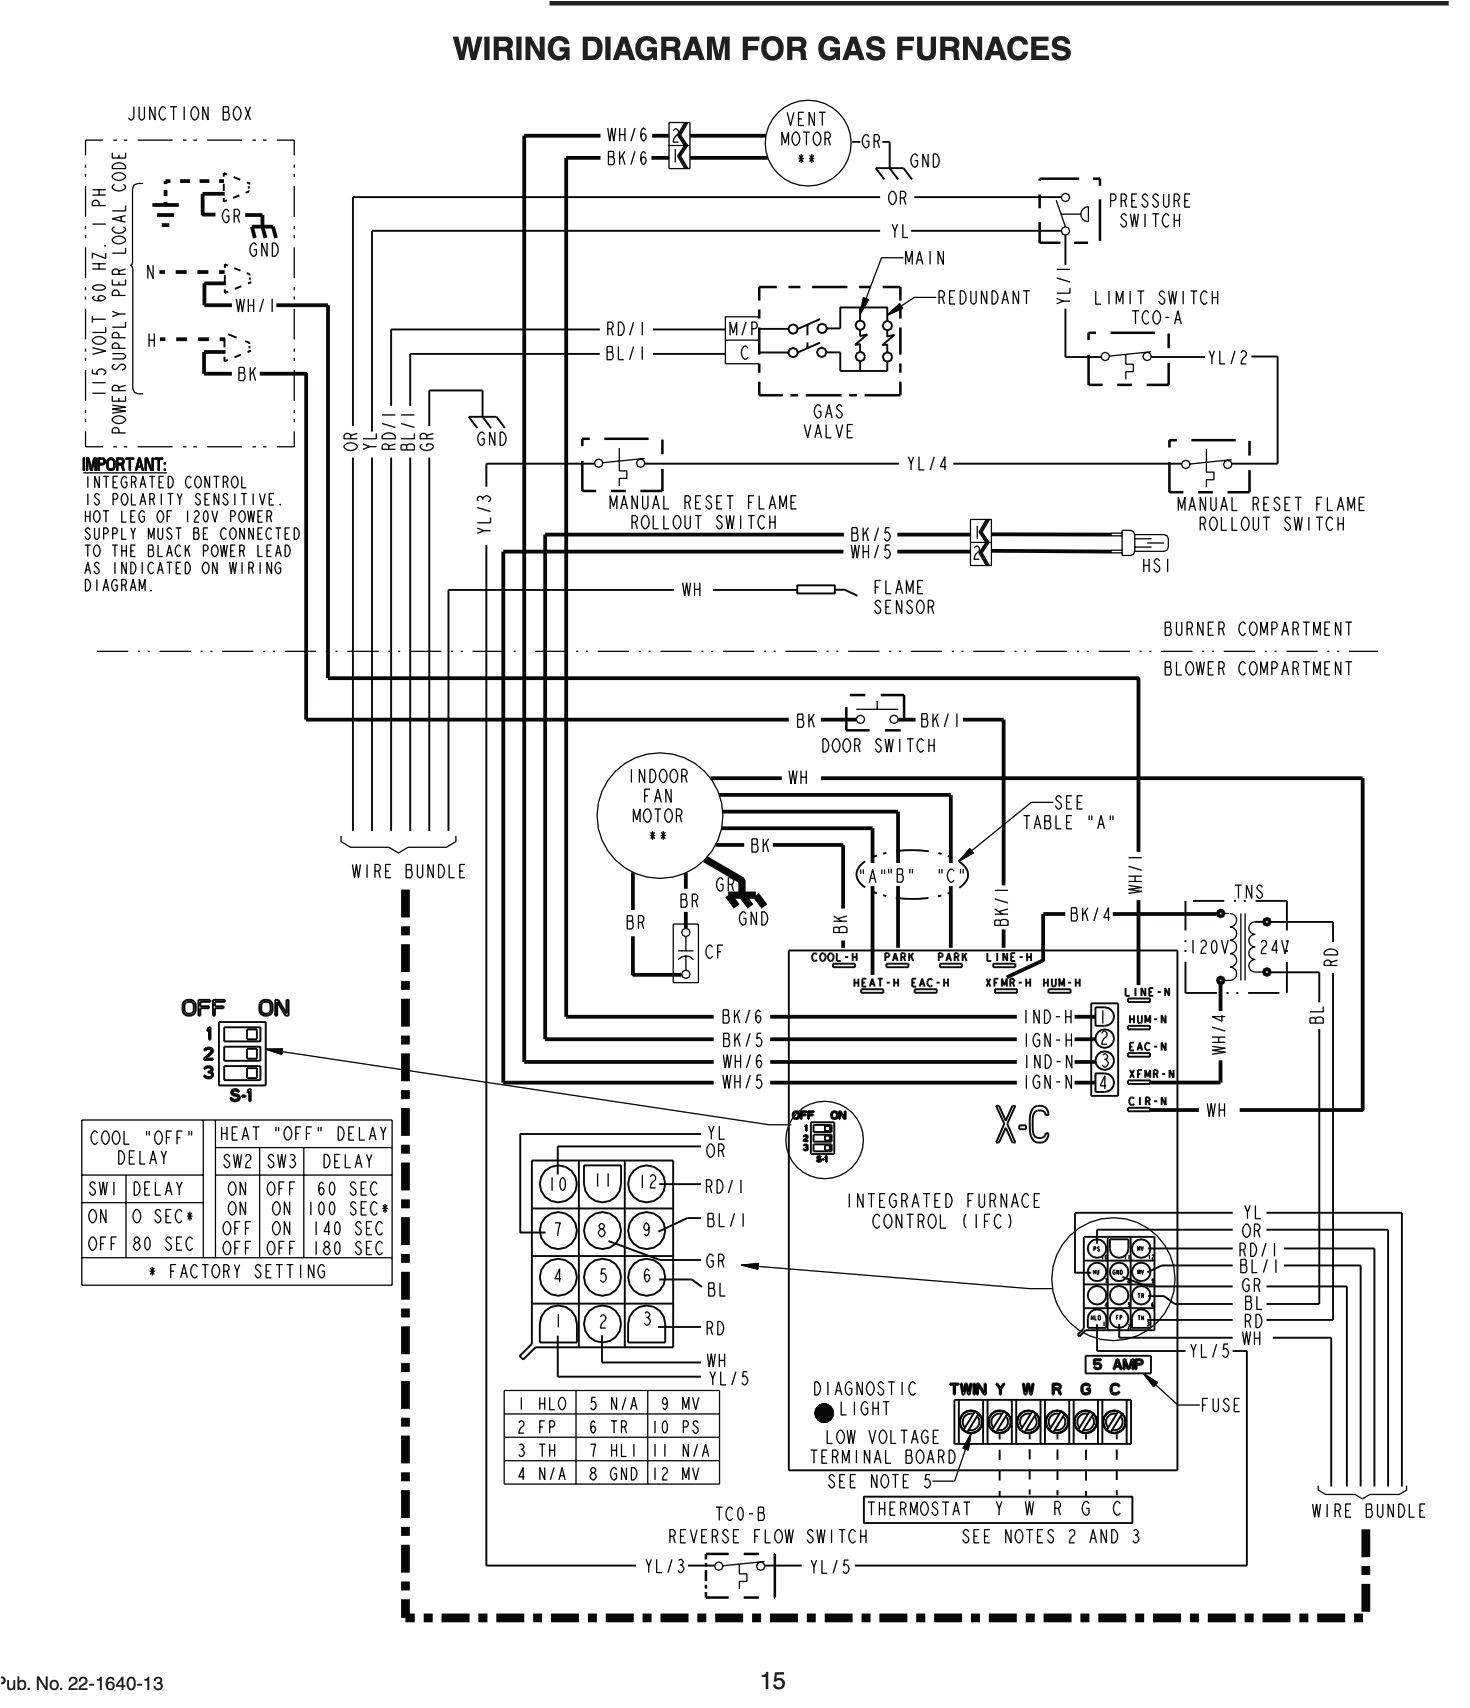 trane xr80 control wiring diagram jpg